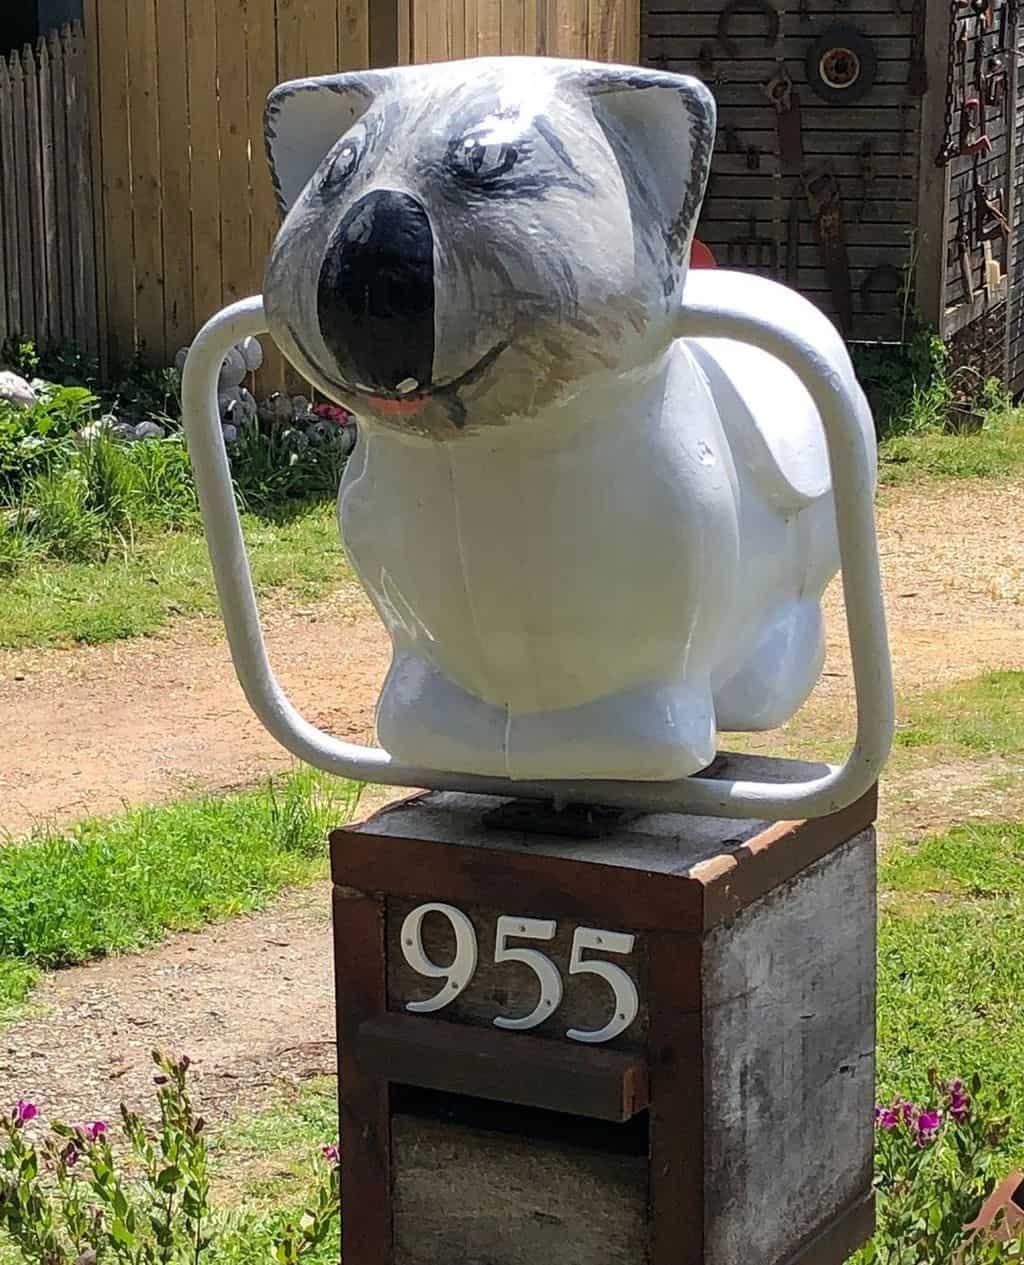 Koala with handles?